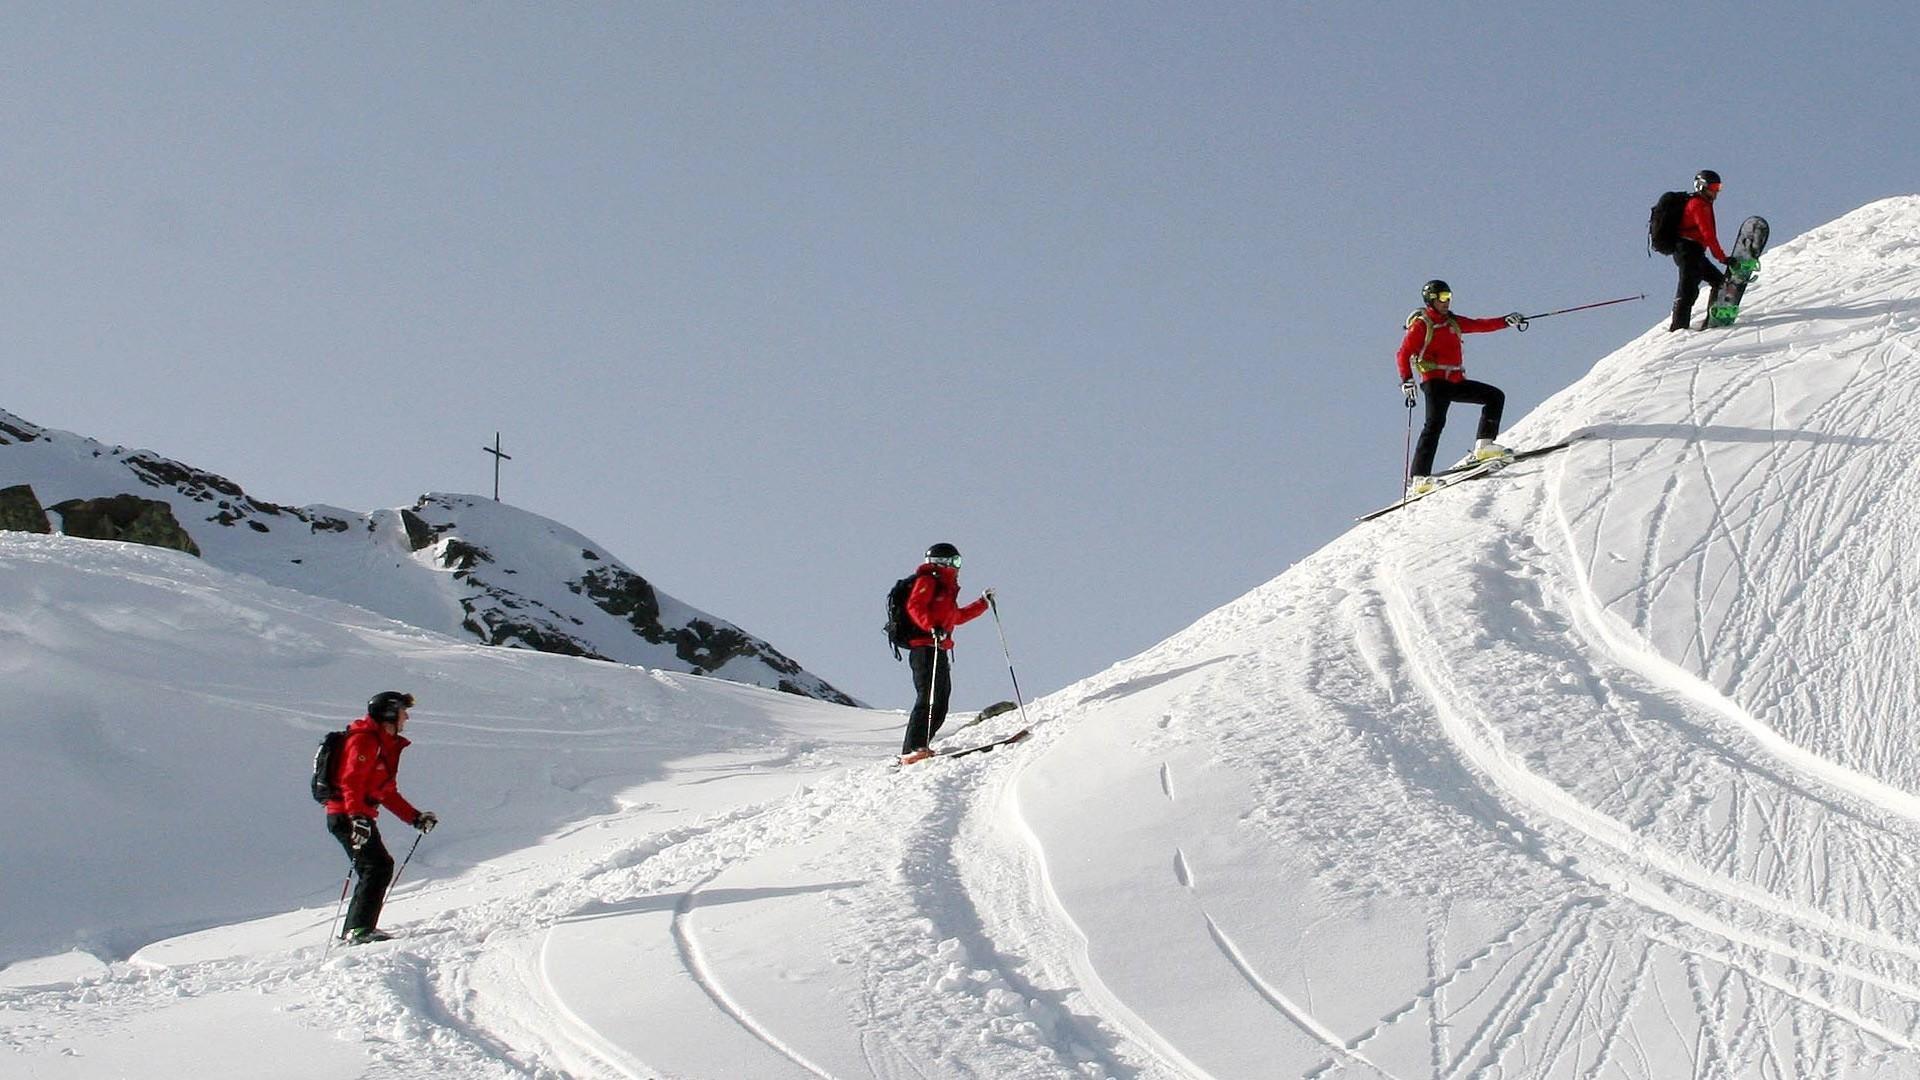 Klettergurt Skitour : Skitour auf die hintere jamspitze in tirol bergwelten